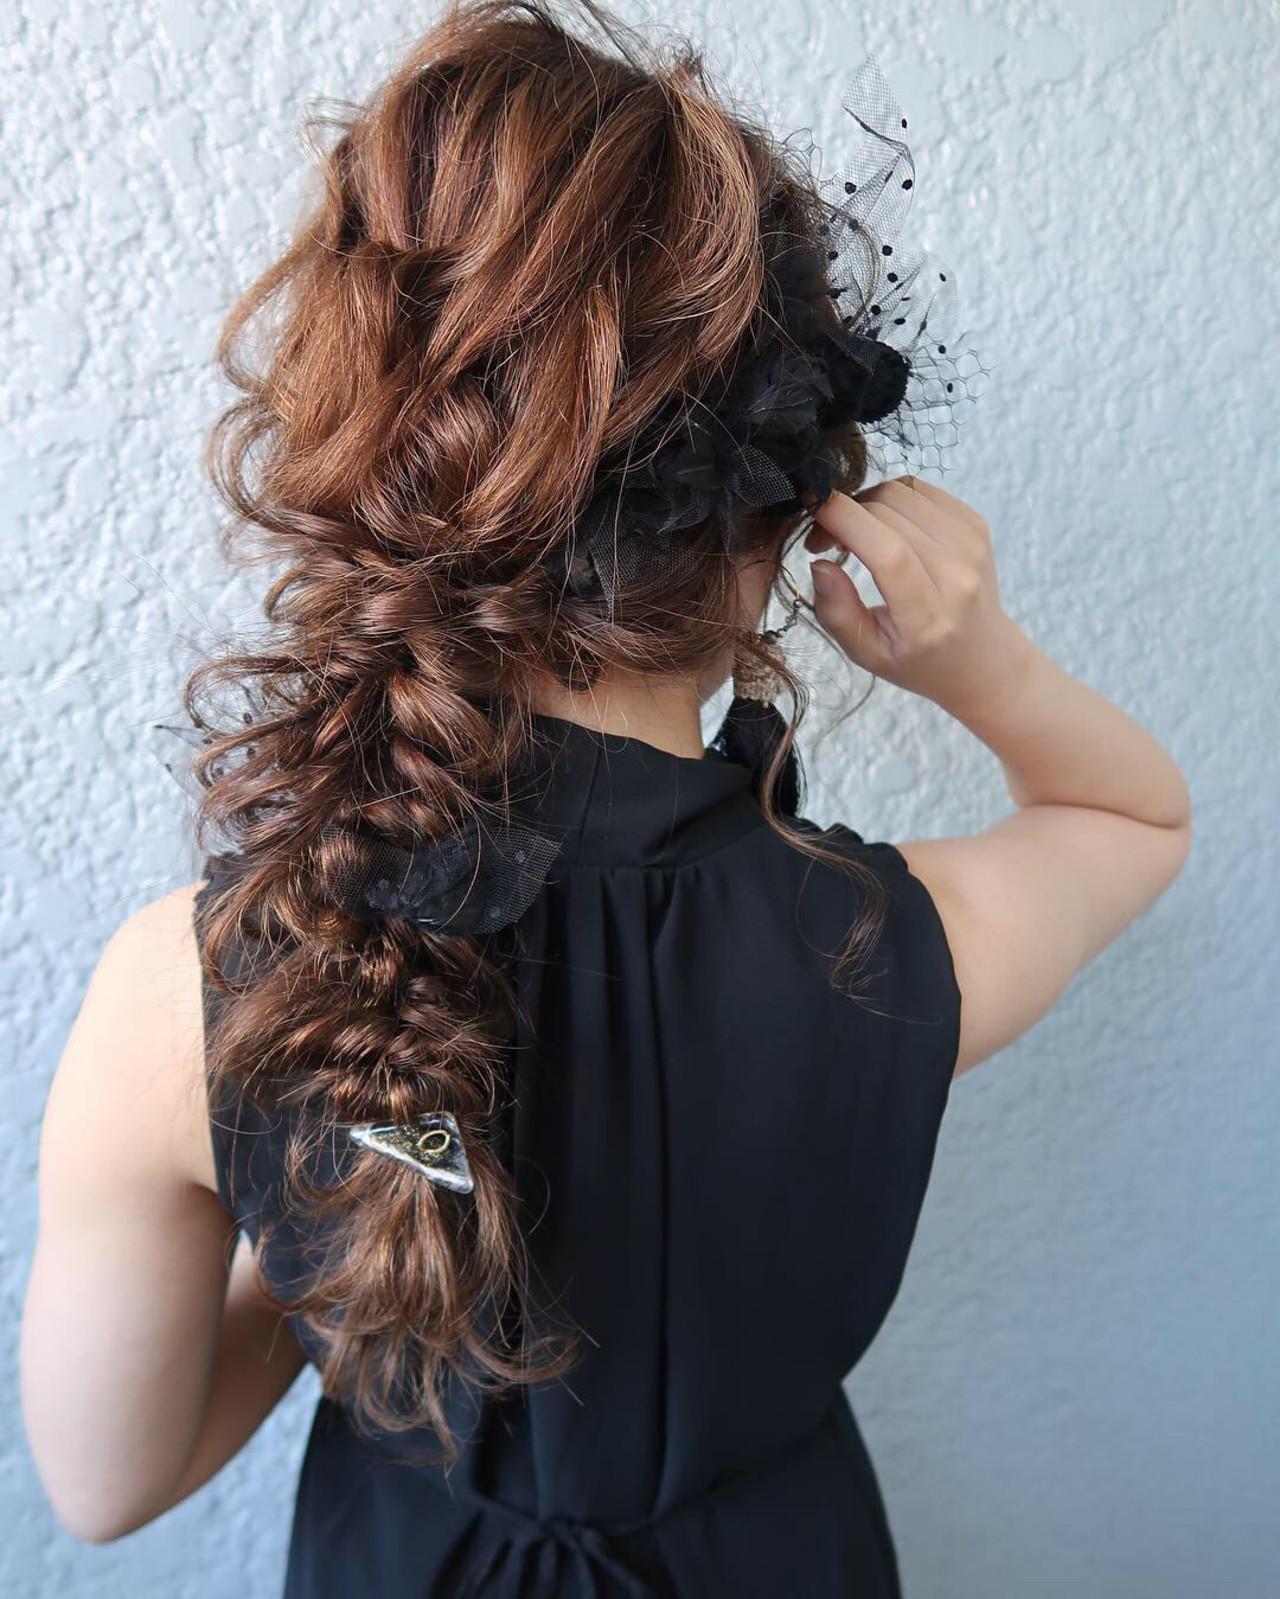 デート ロング ヘアアレンジ 編みおろし ヘアスタイルや髪型の写真・画像 | 平川 元気 / MAPUNA